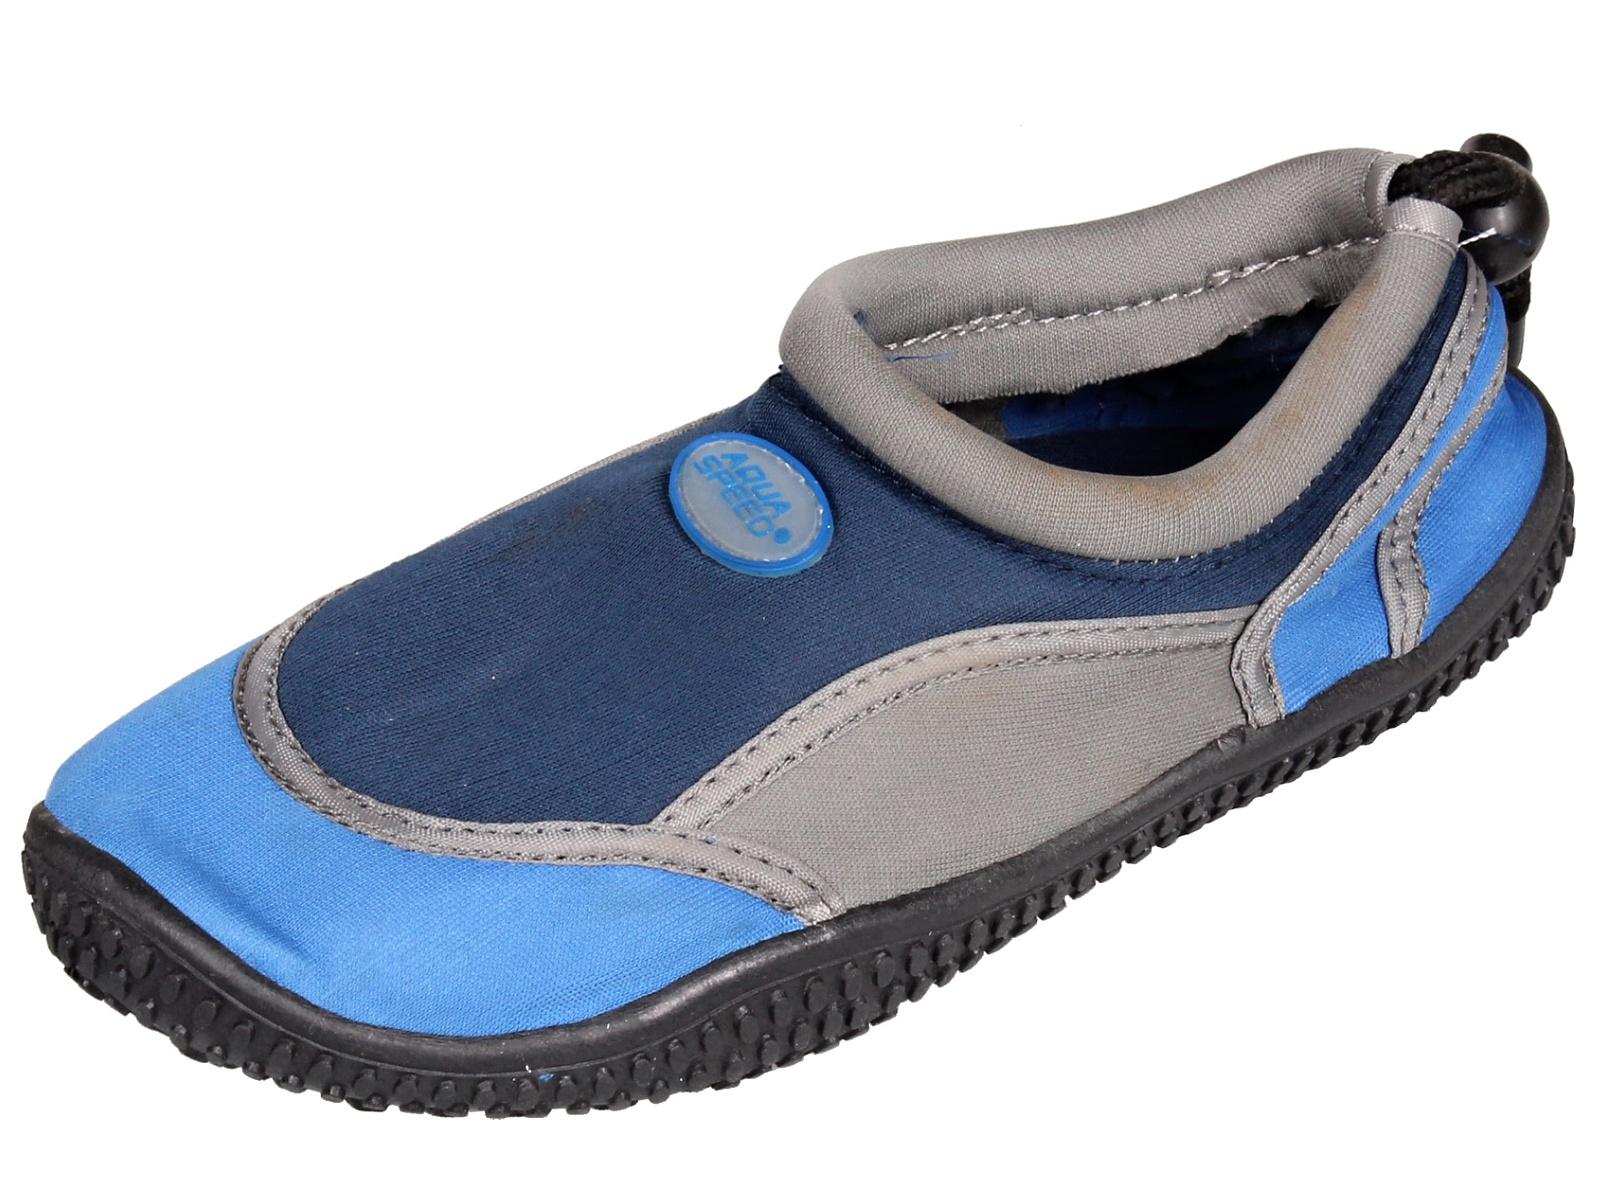 Topánky do vody AQUA-SPEED 21 detské